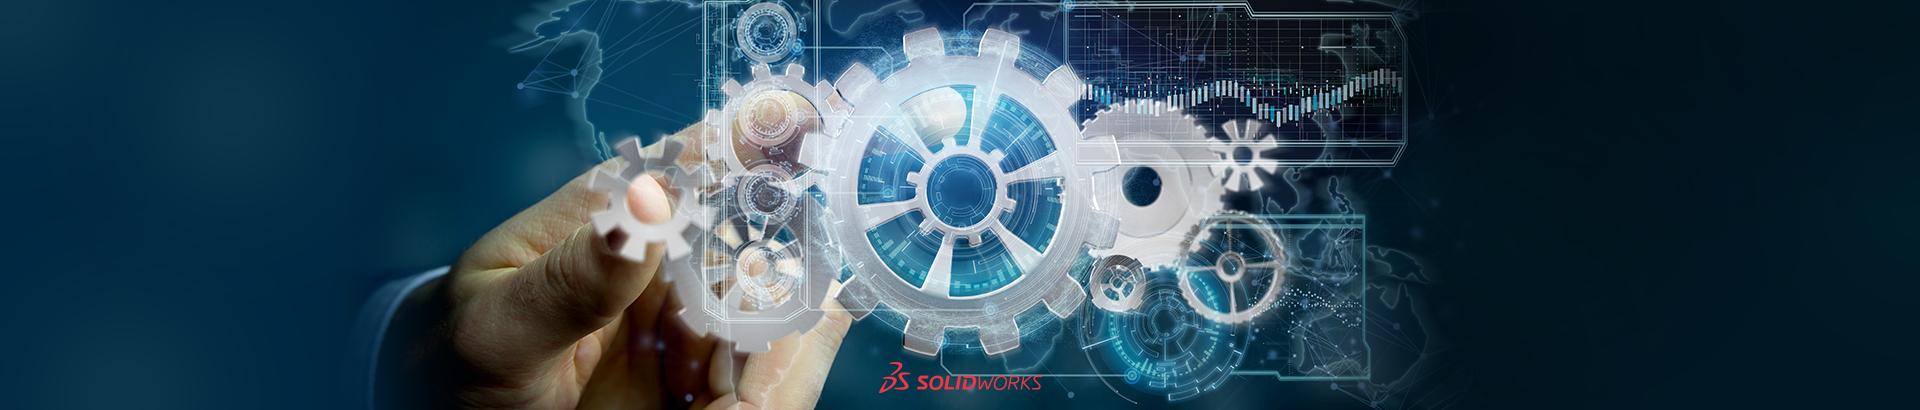 Endüstri 4.0 ve 3 Boyutlu Tasarım